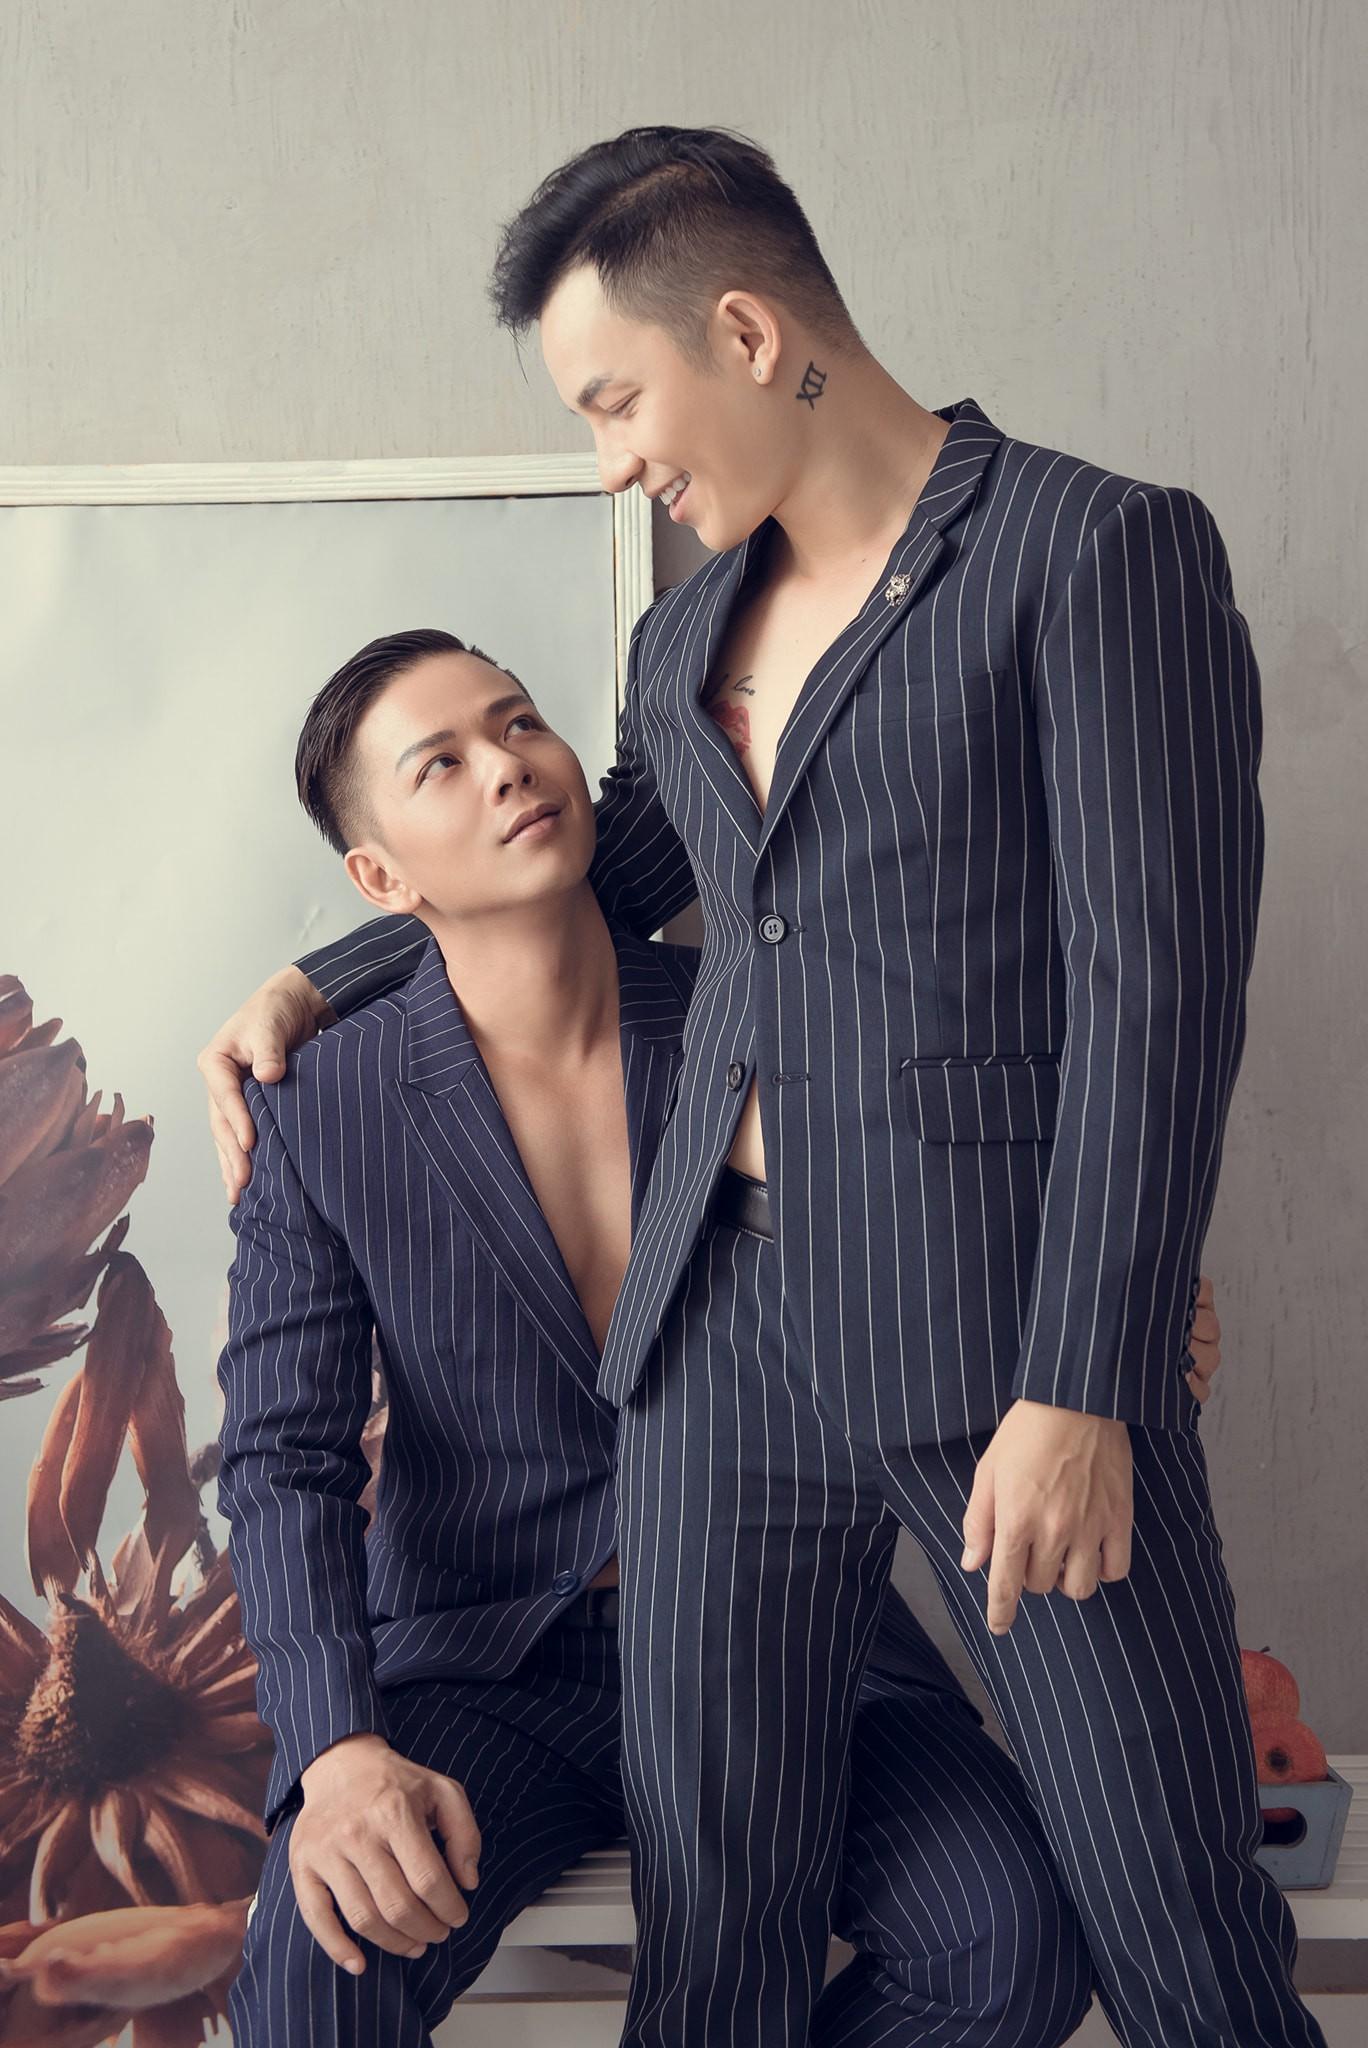 Cặp đôi LGBT đẹp nhất bước ra từ Người ấy là ai? bất ngờ thông báo đường ai nấy đi sau hơn 1 năm gắn bó